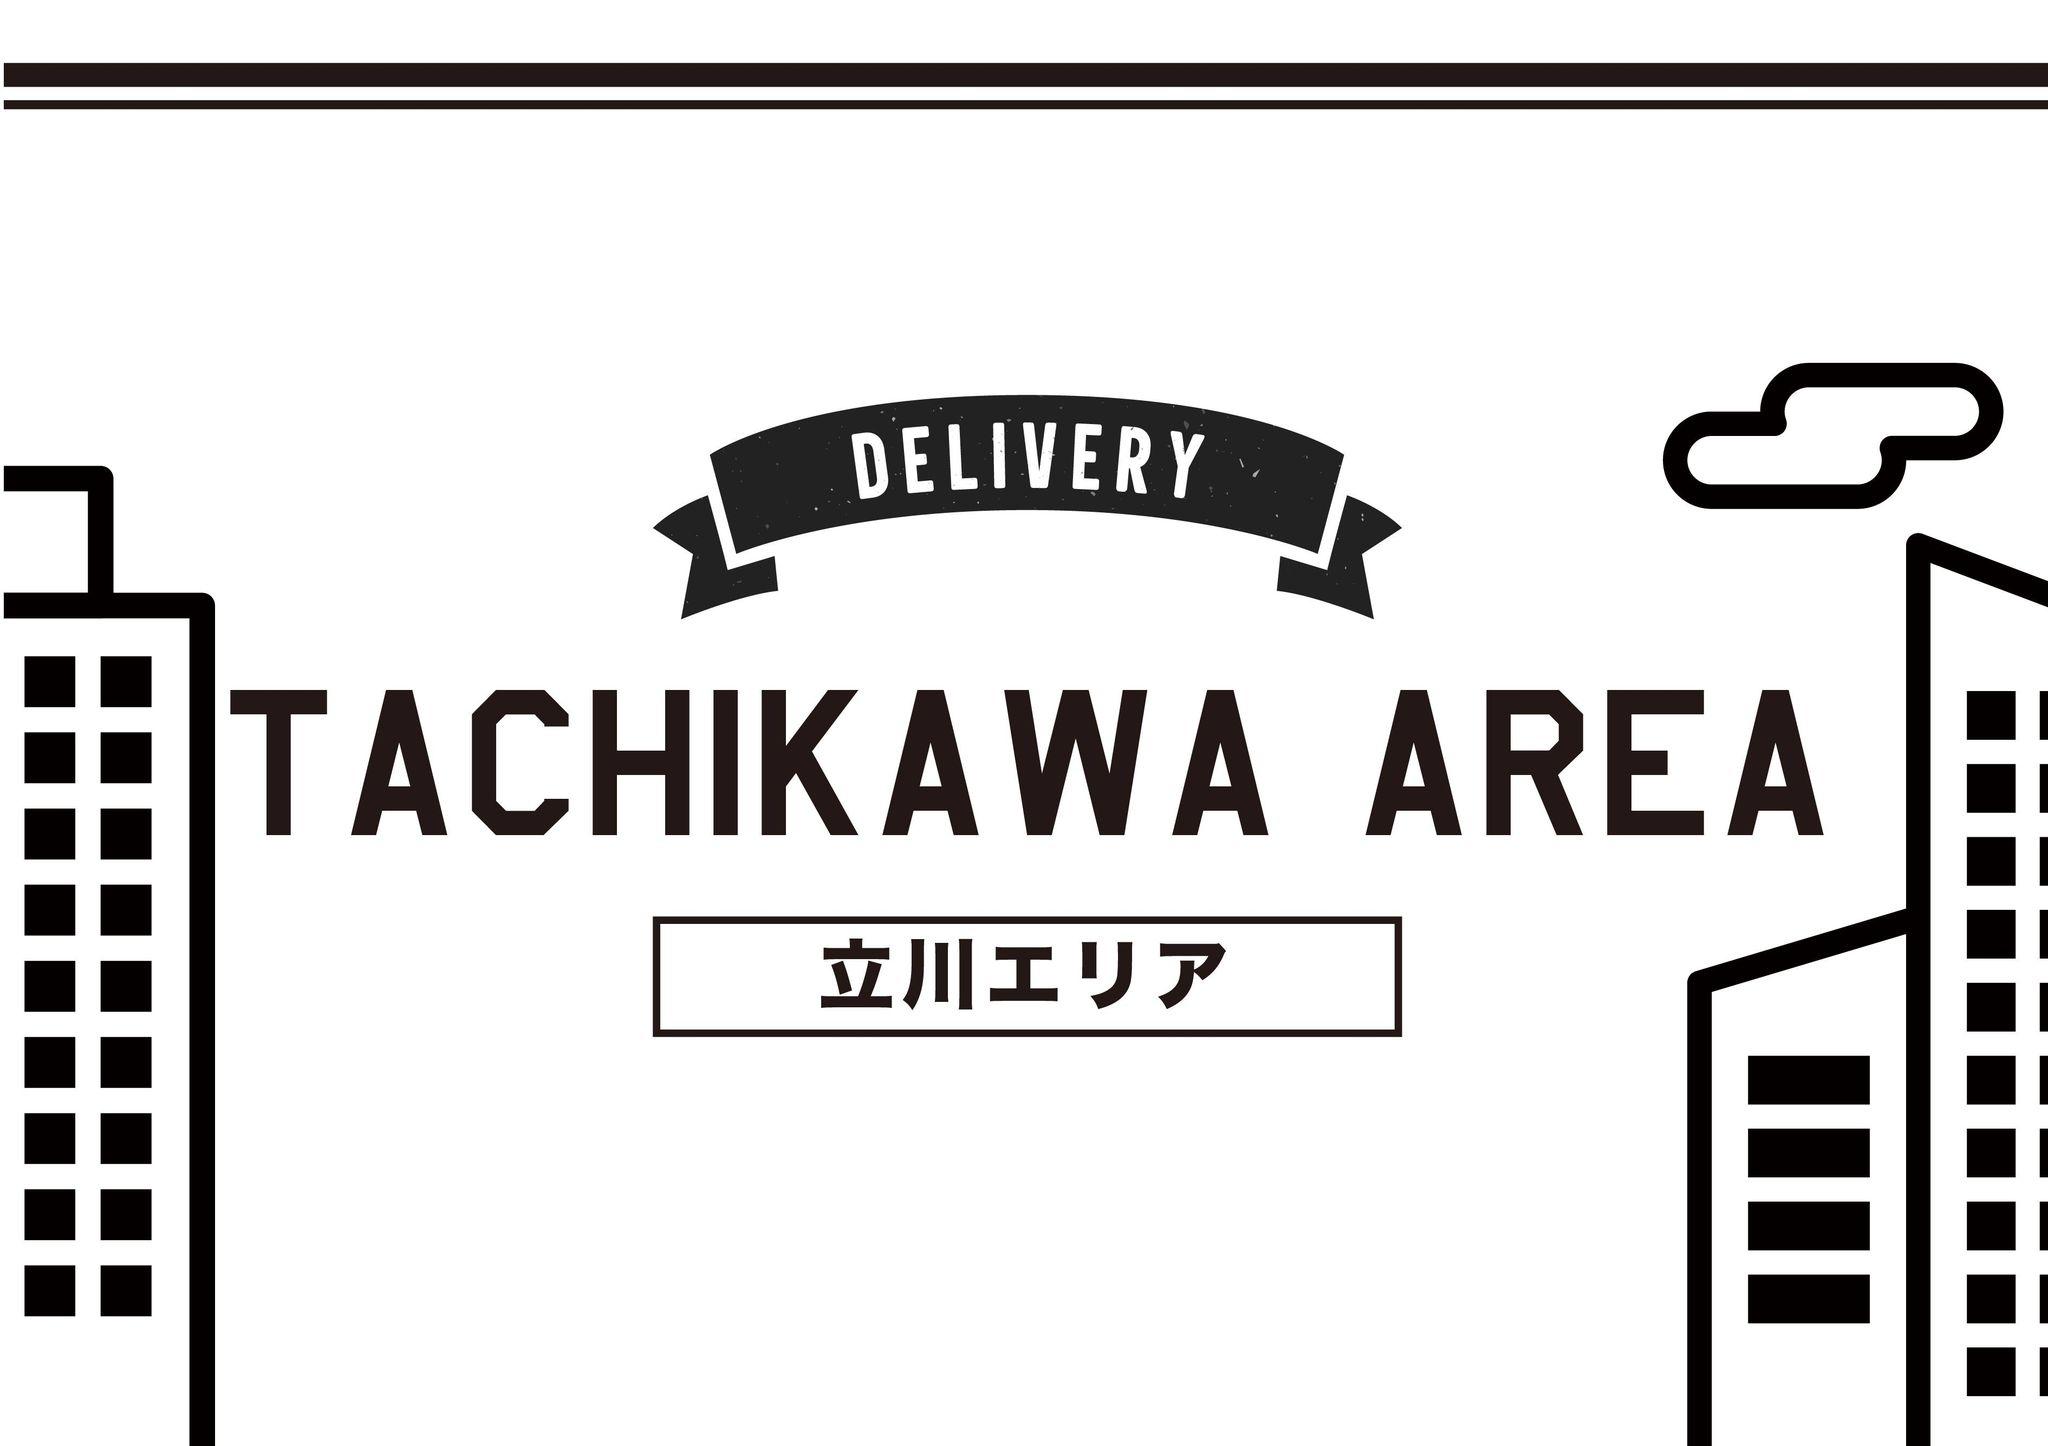 """【デリバリーキャンペーン!】立川エリア!大人気!""""サインクラシックバーガーハウス""""をPICK UP!!"""